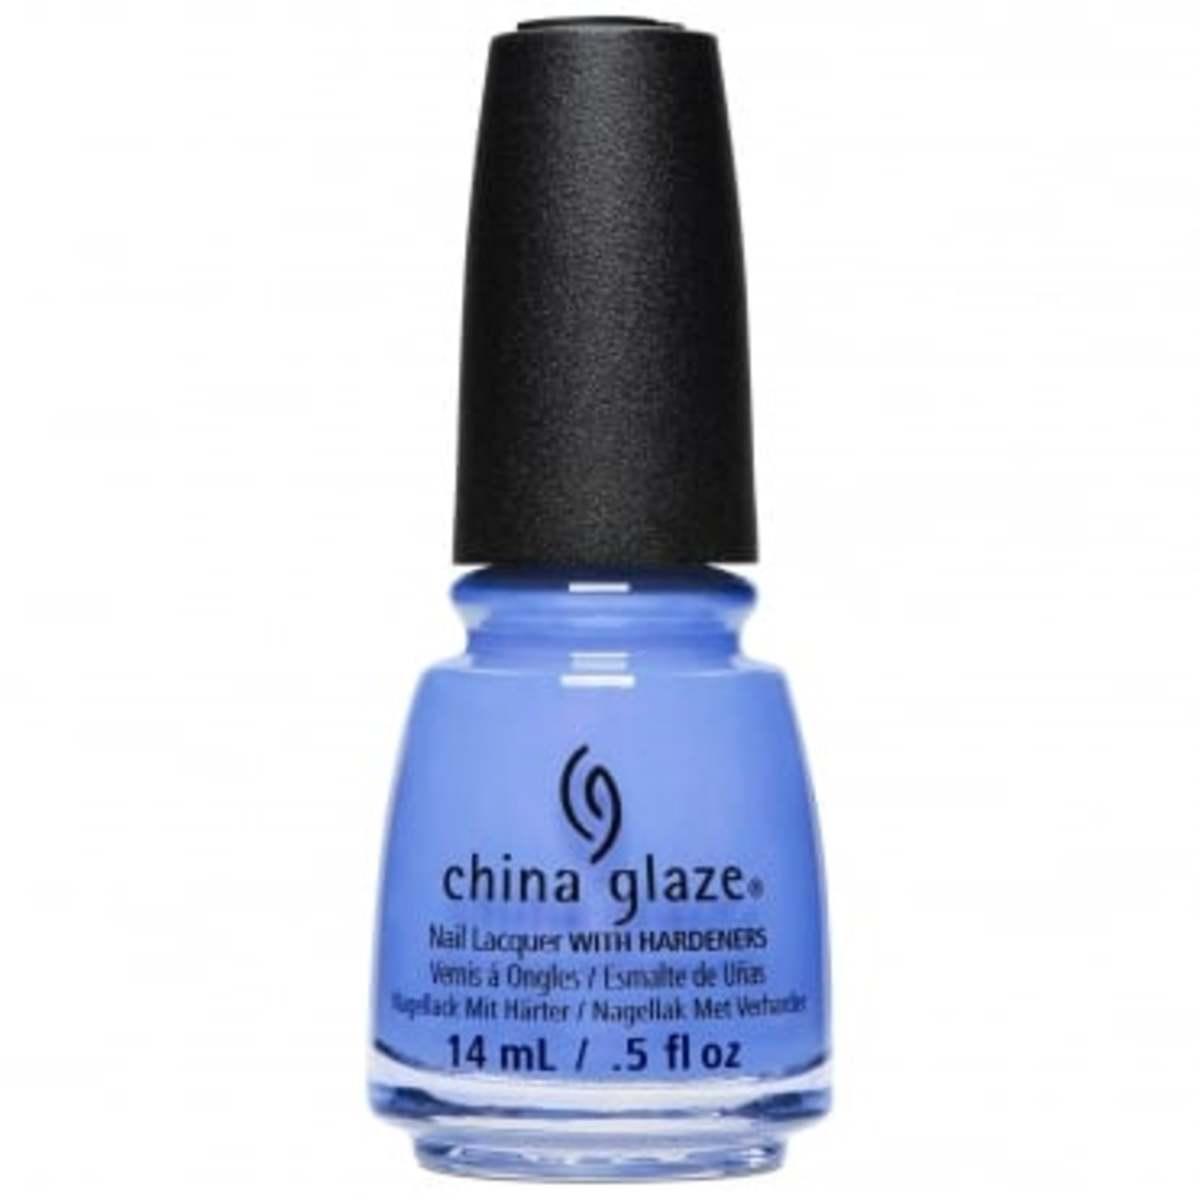 Glamletics - China Glaze Spring 2018